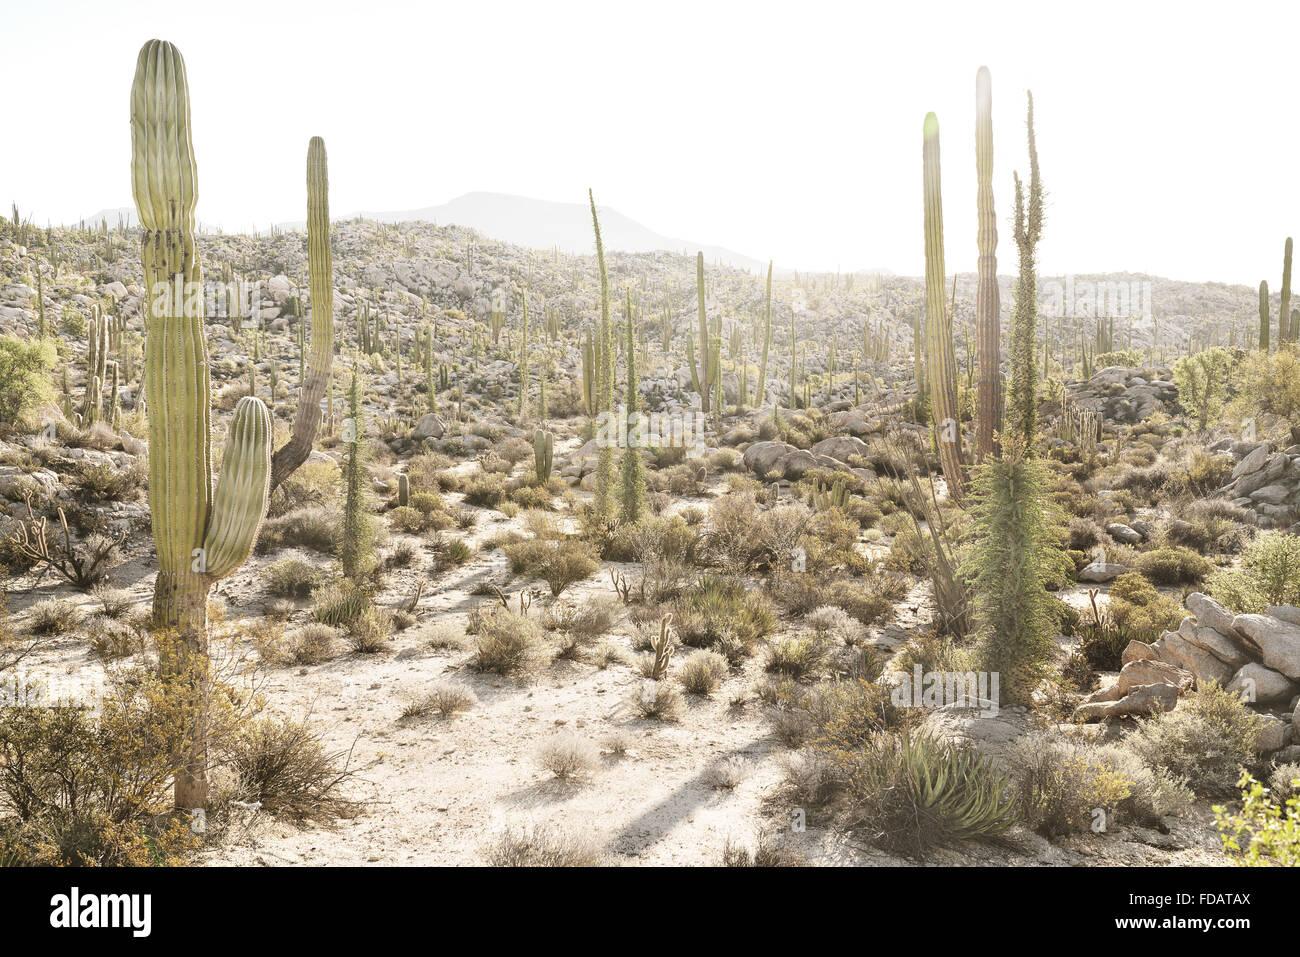 Los cactus en el desierto de Baja California, México Imagen De Stock